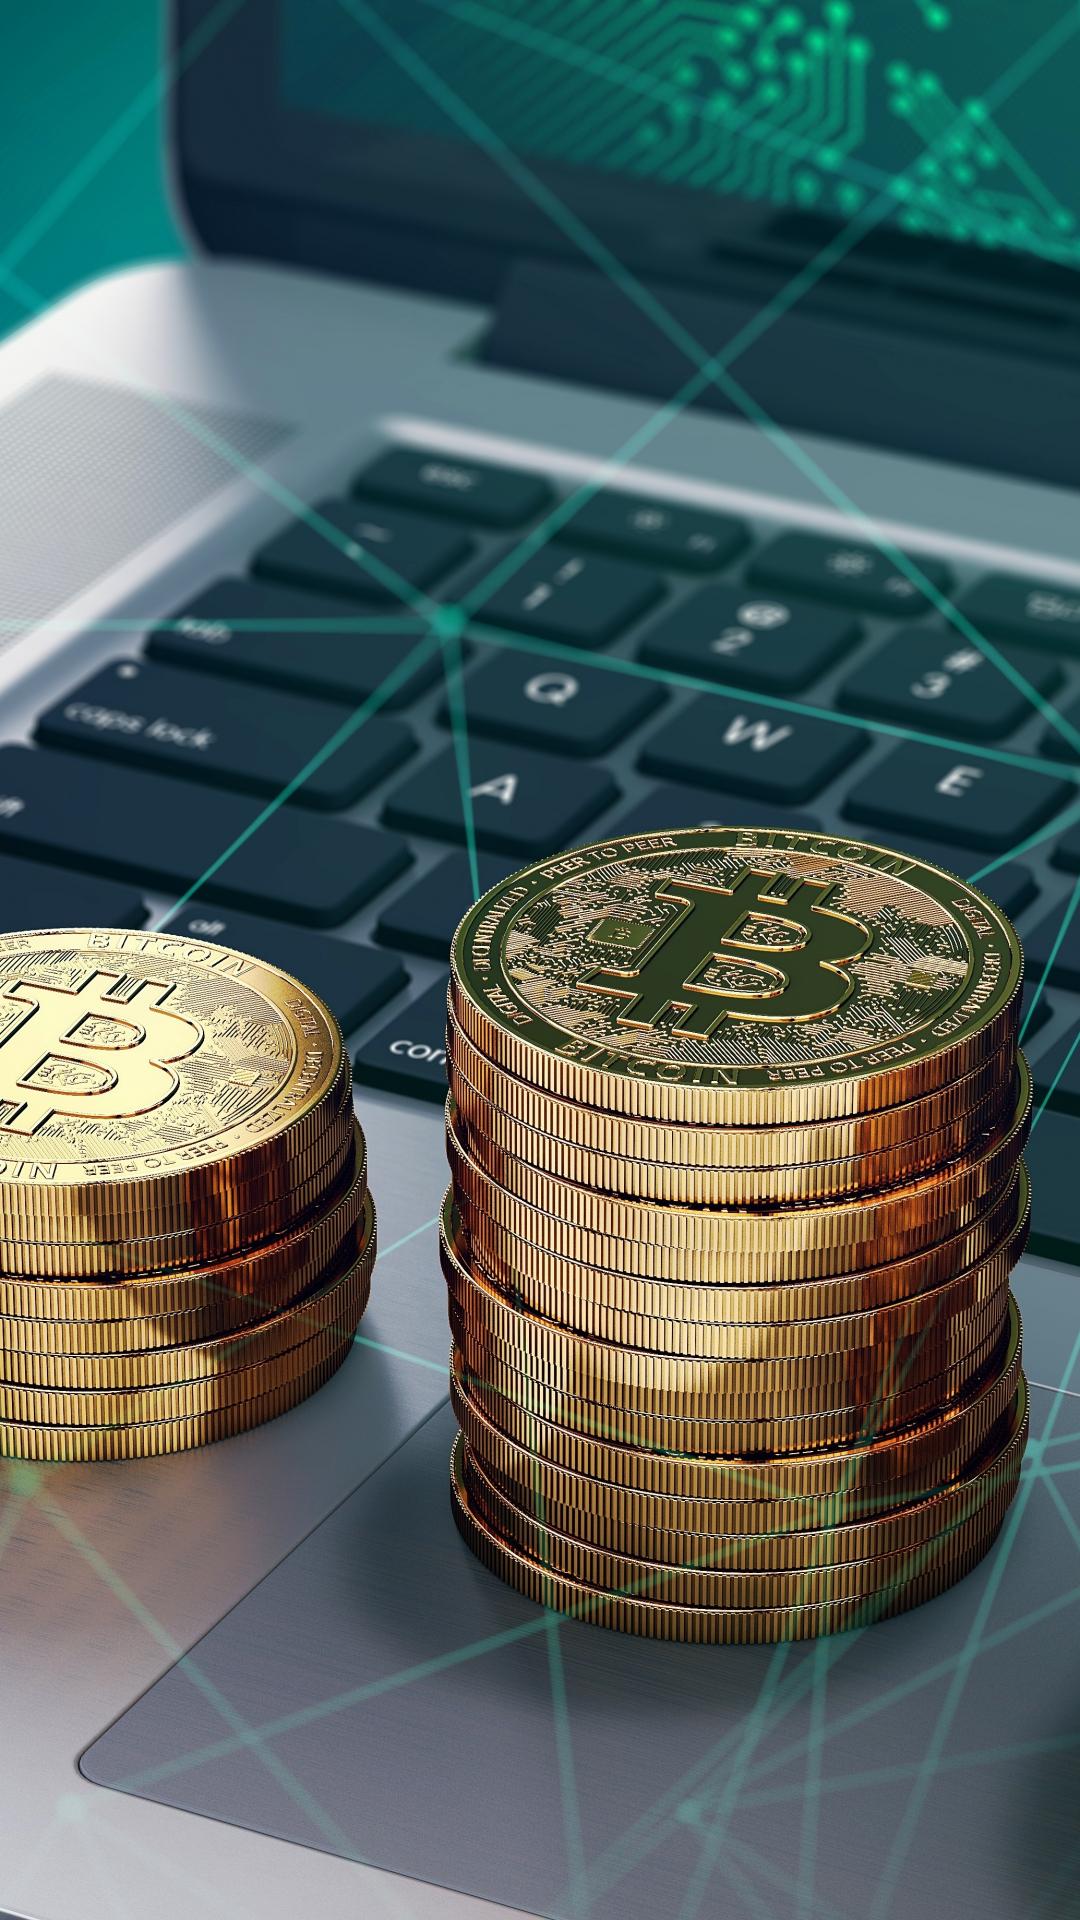 Crypto coins, Bitcoin, tech, 1080x1920 wallpaper